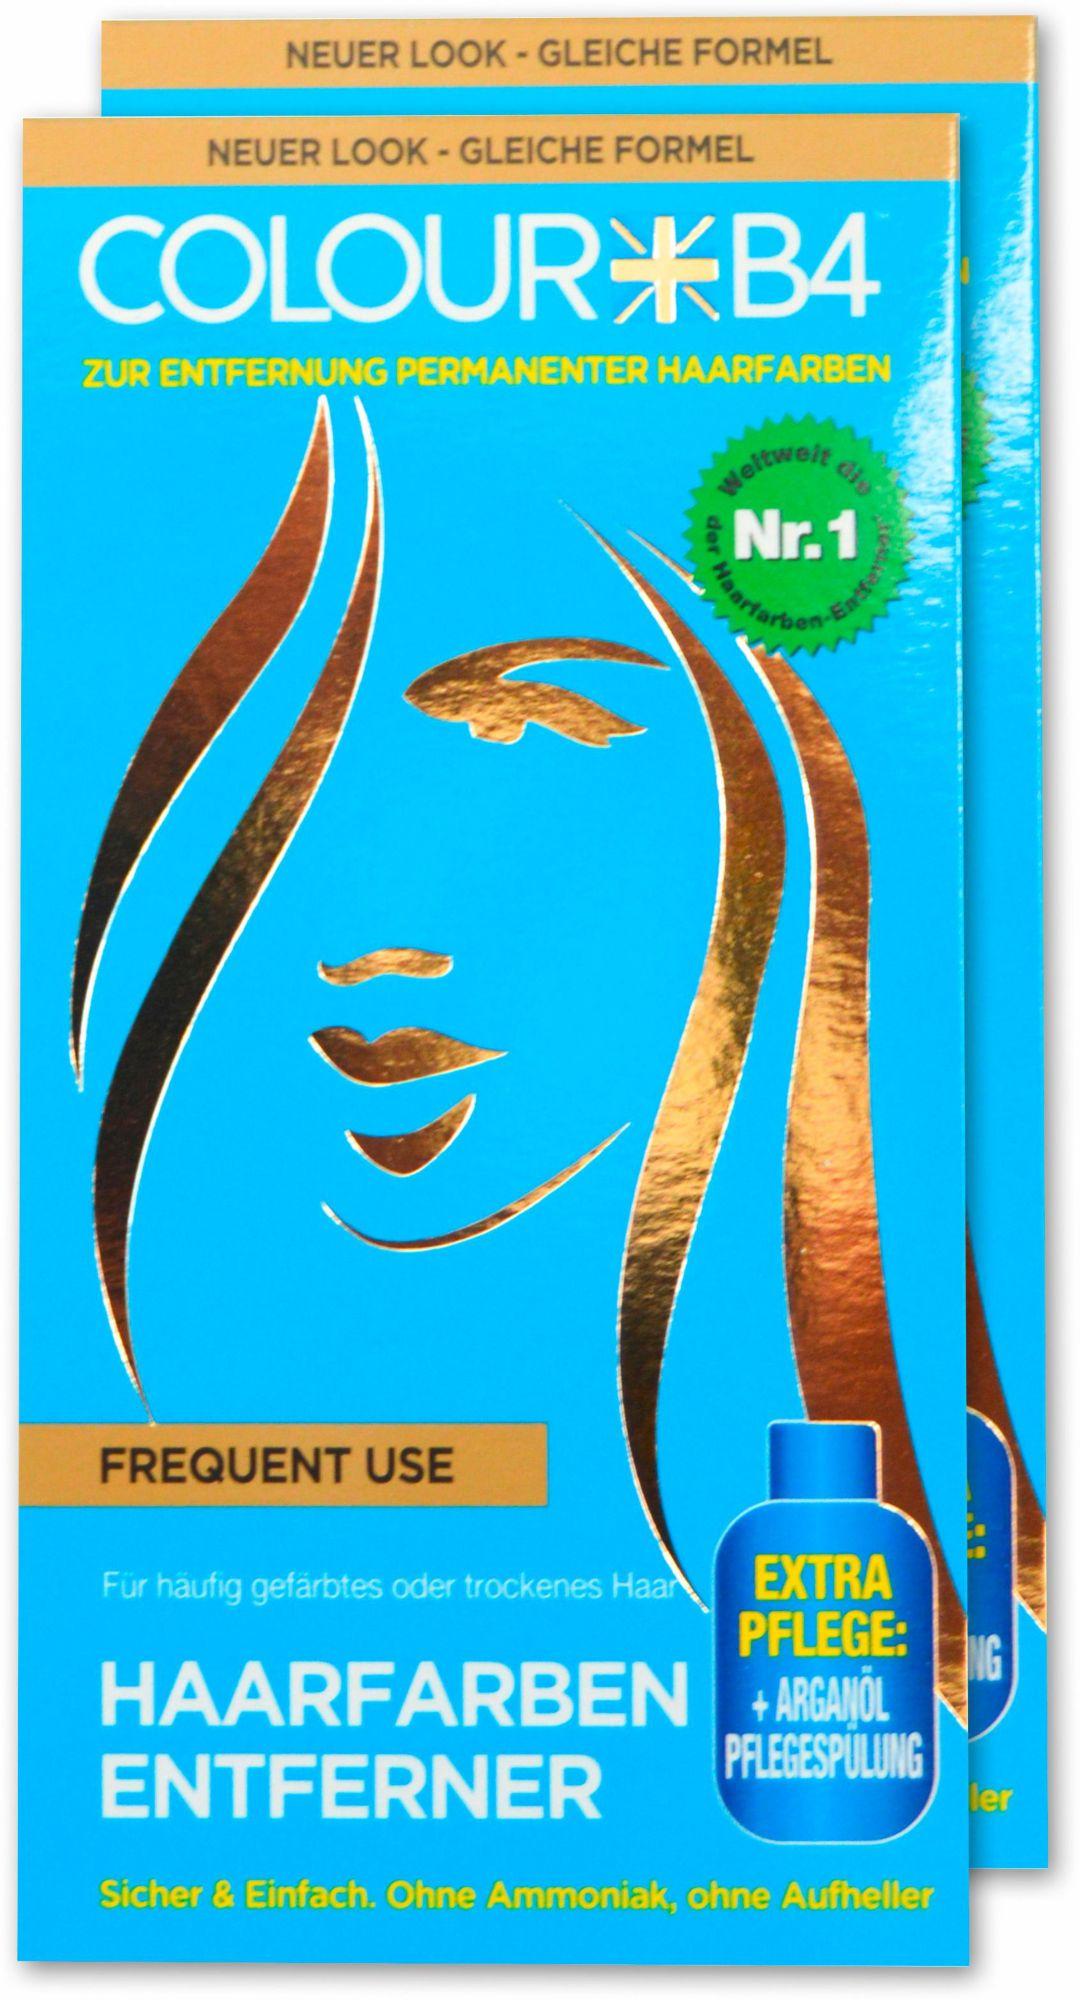 COLOUR B4 Colour B4, »Colour B4 Frequent Use«, Haarfarben-Entferner für häufig gefärbtes oder trockenes Haar